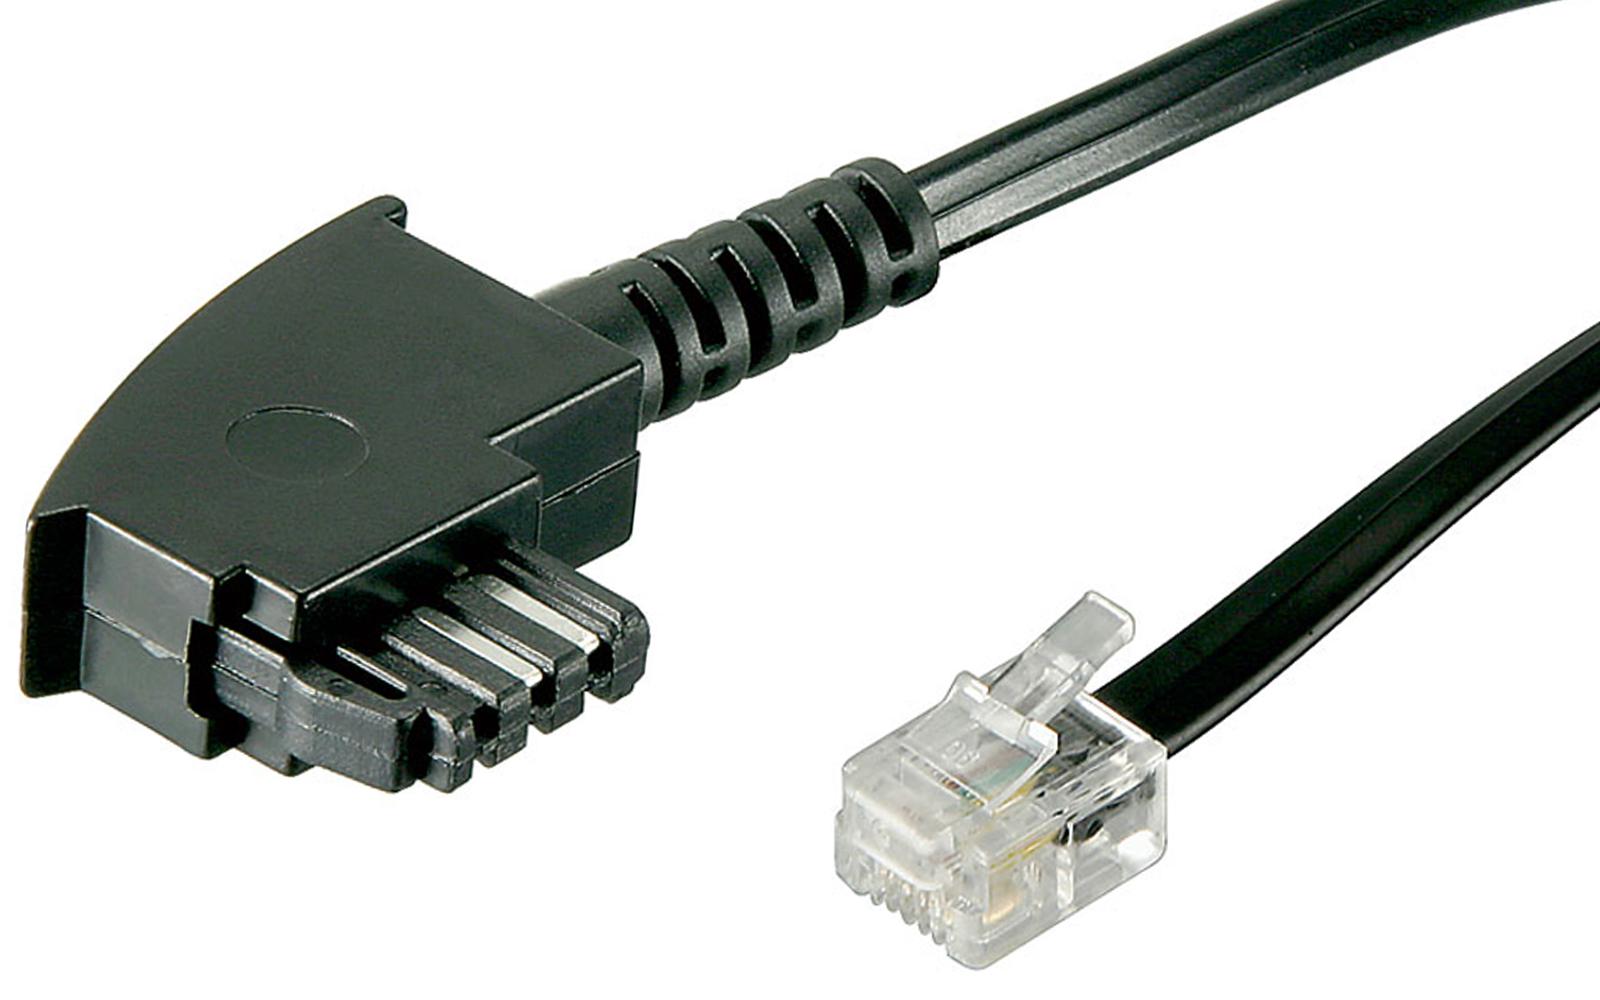 6m telefon kabel tae f auf rj11 stecker 6p4c 4 polig internationale belegung ebay. Black Bedroom Furniture Sets. Home Design Ideas